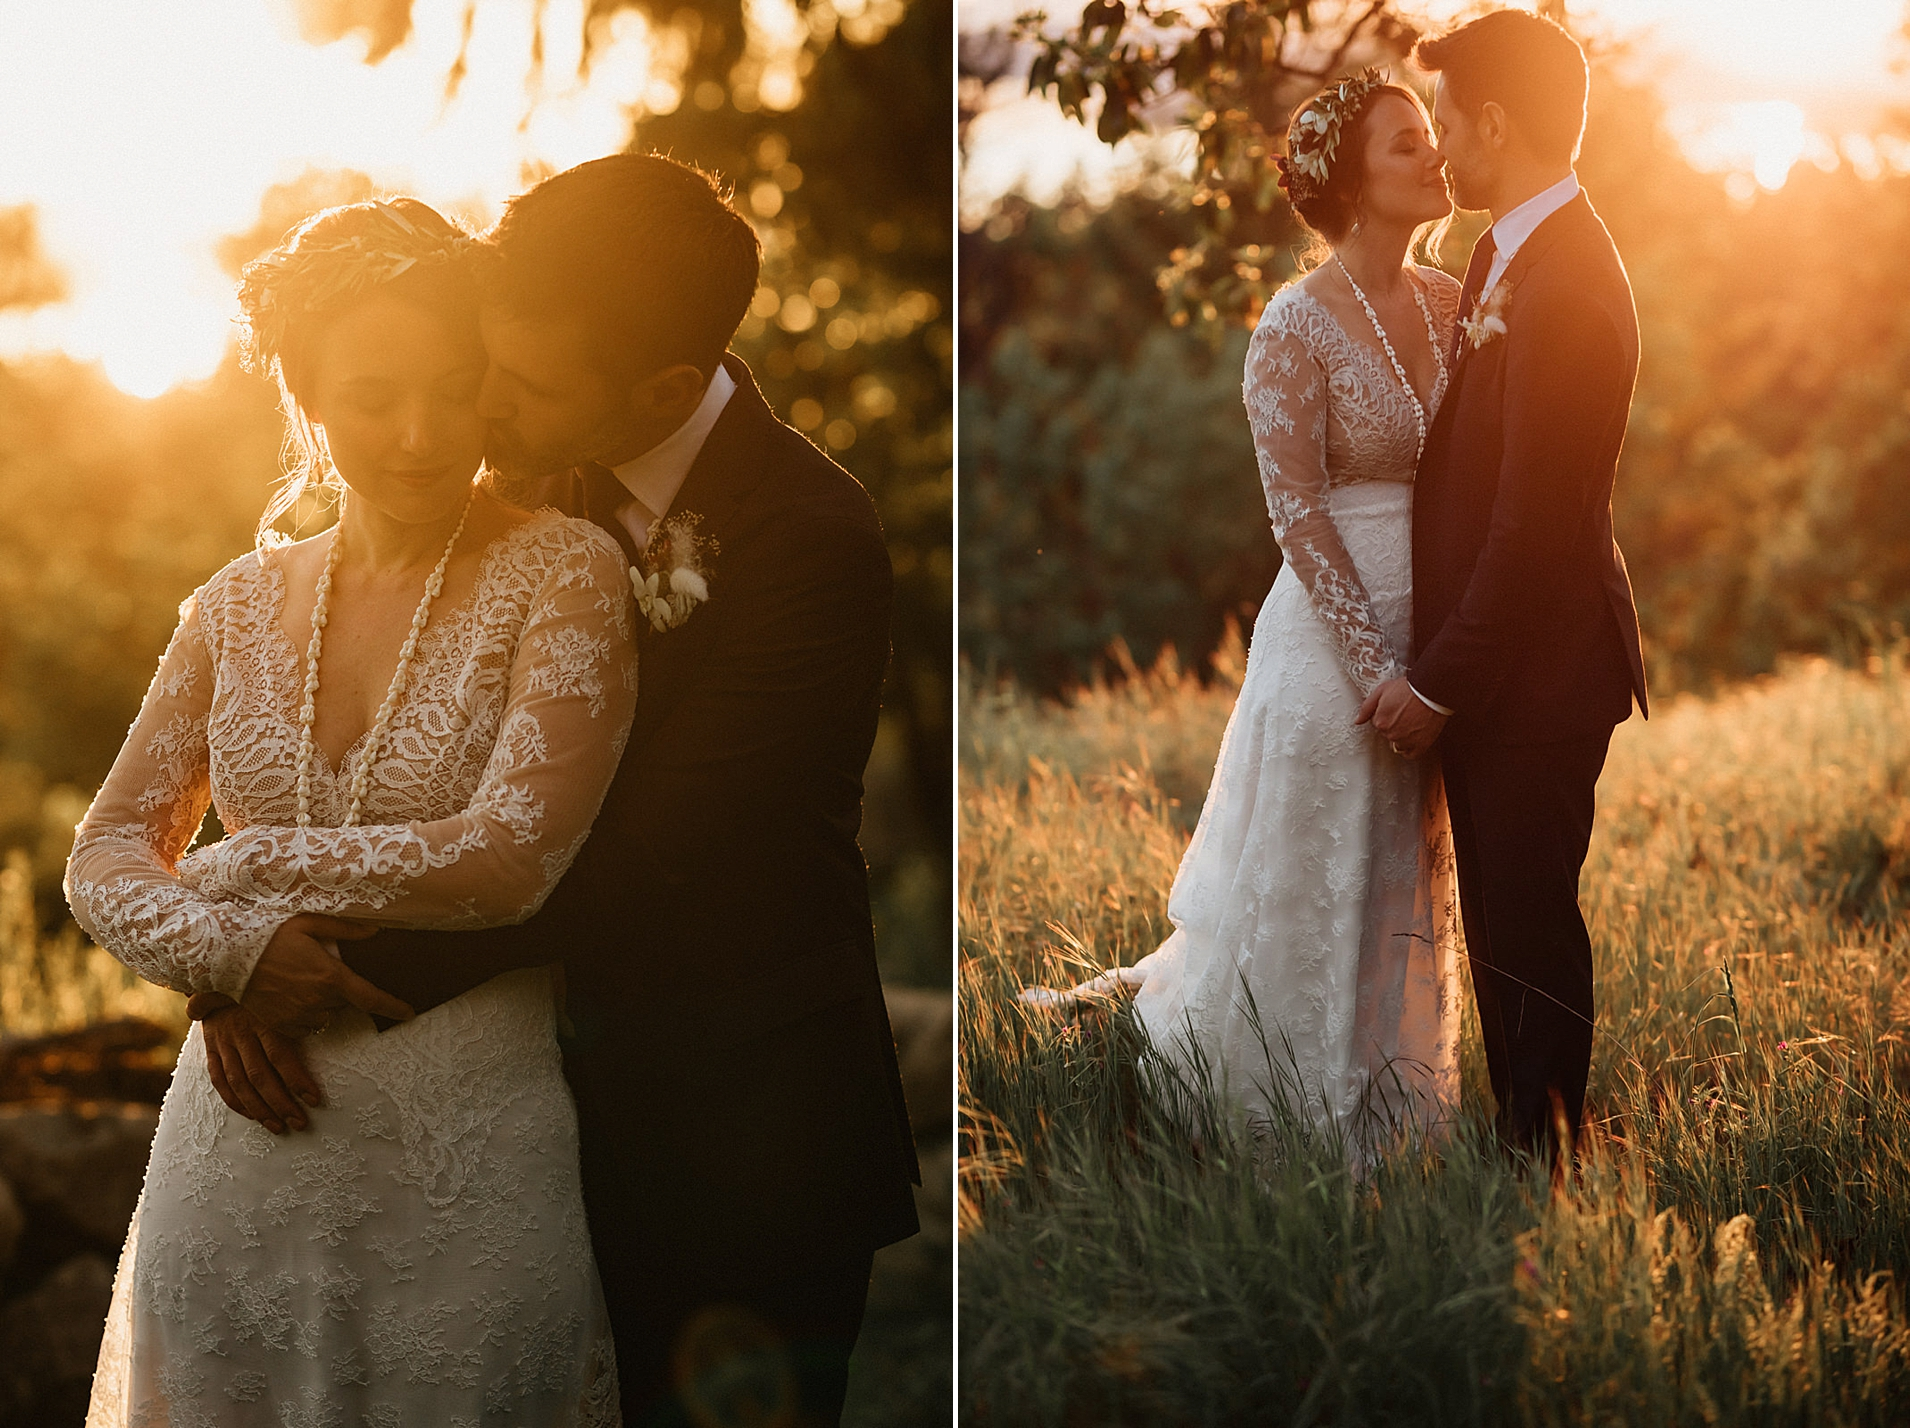 bodega ridge wedding couple in sunset.jpg